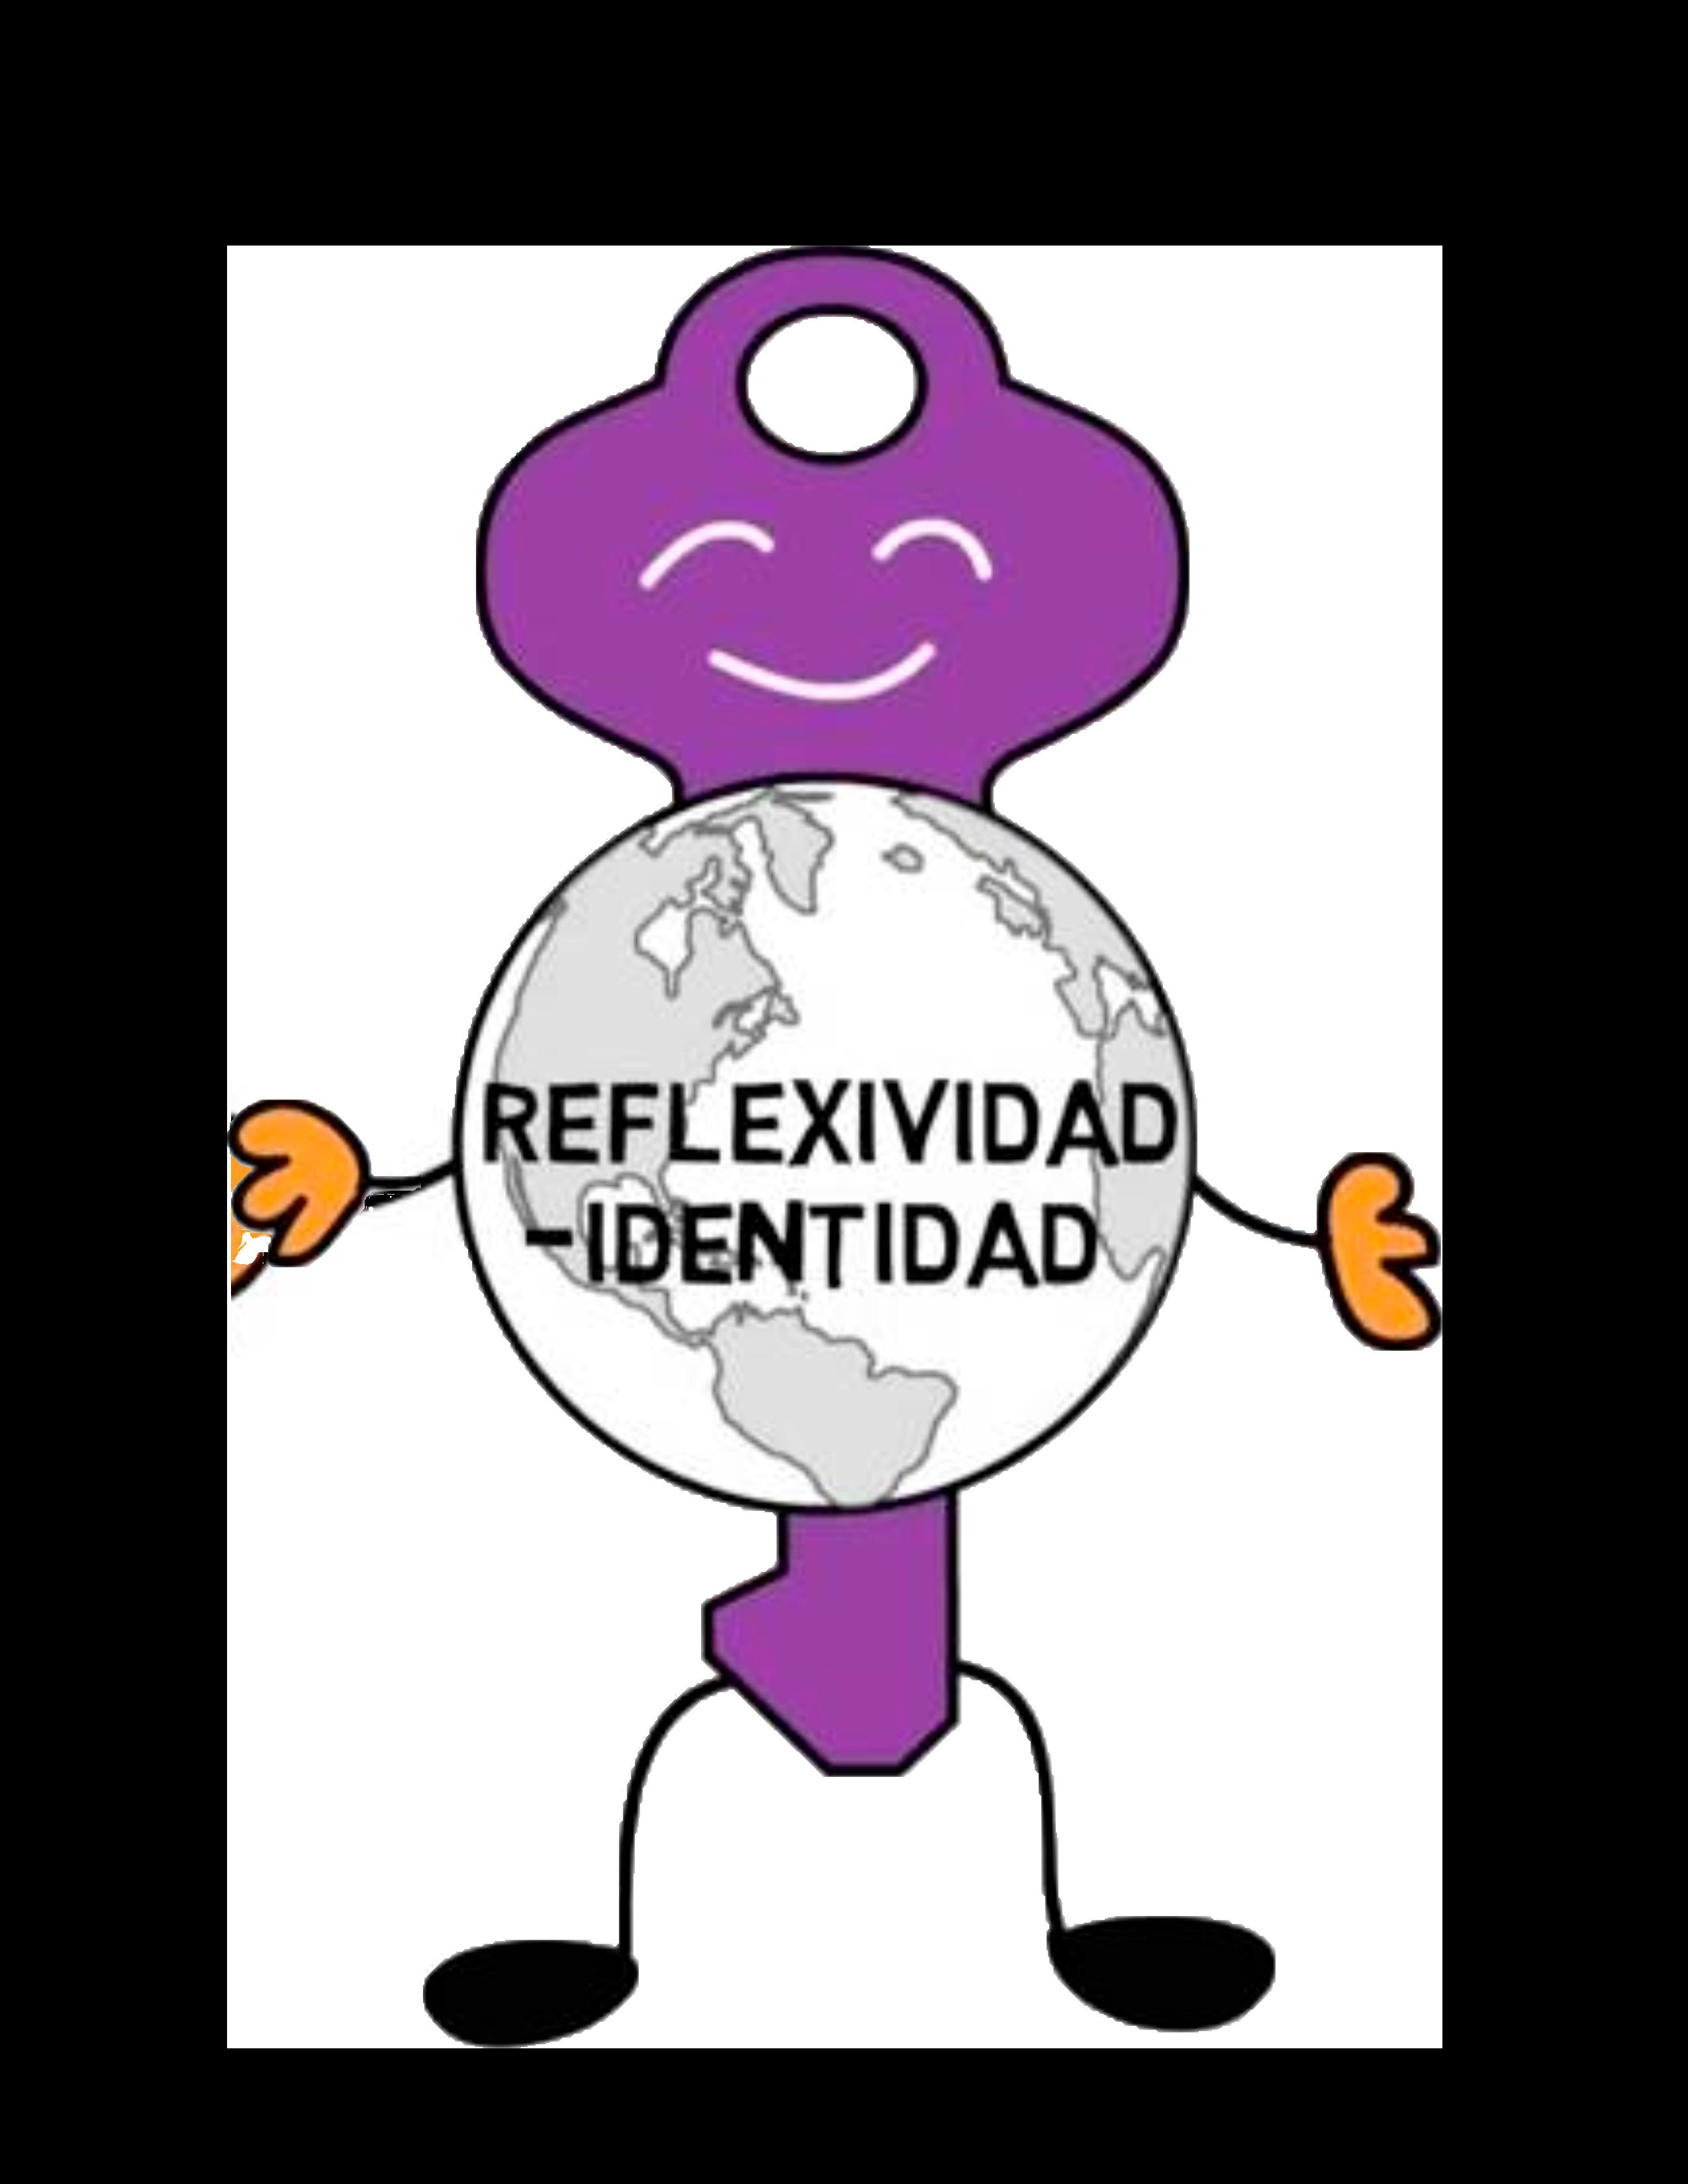 REFLEXIVIDAD - IDENTIDAD